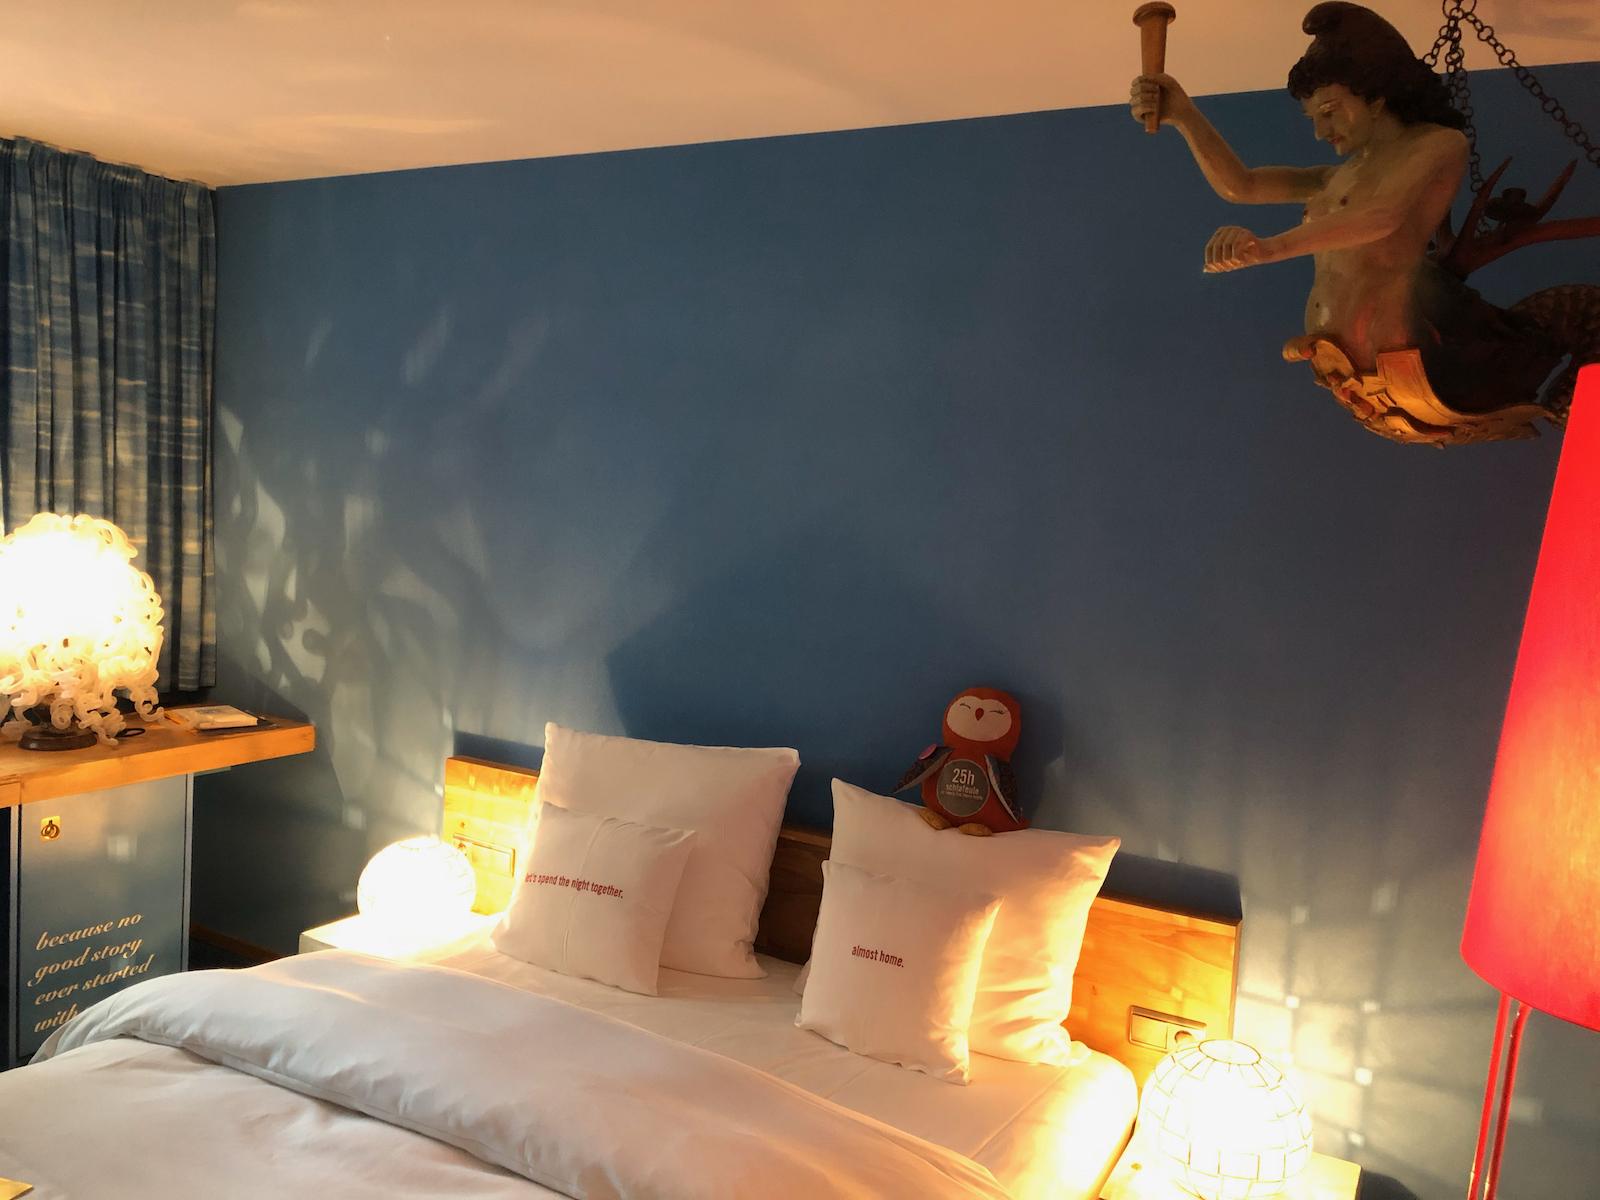 Mein Zimmer im 25hours Hotel The Goldman